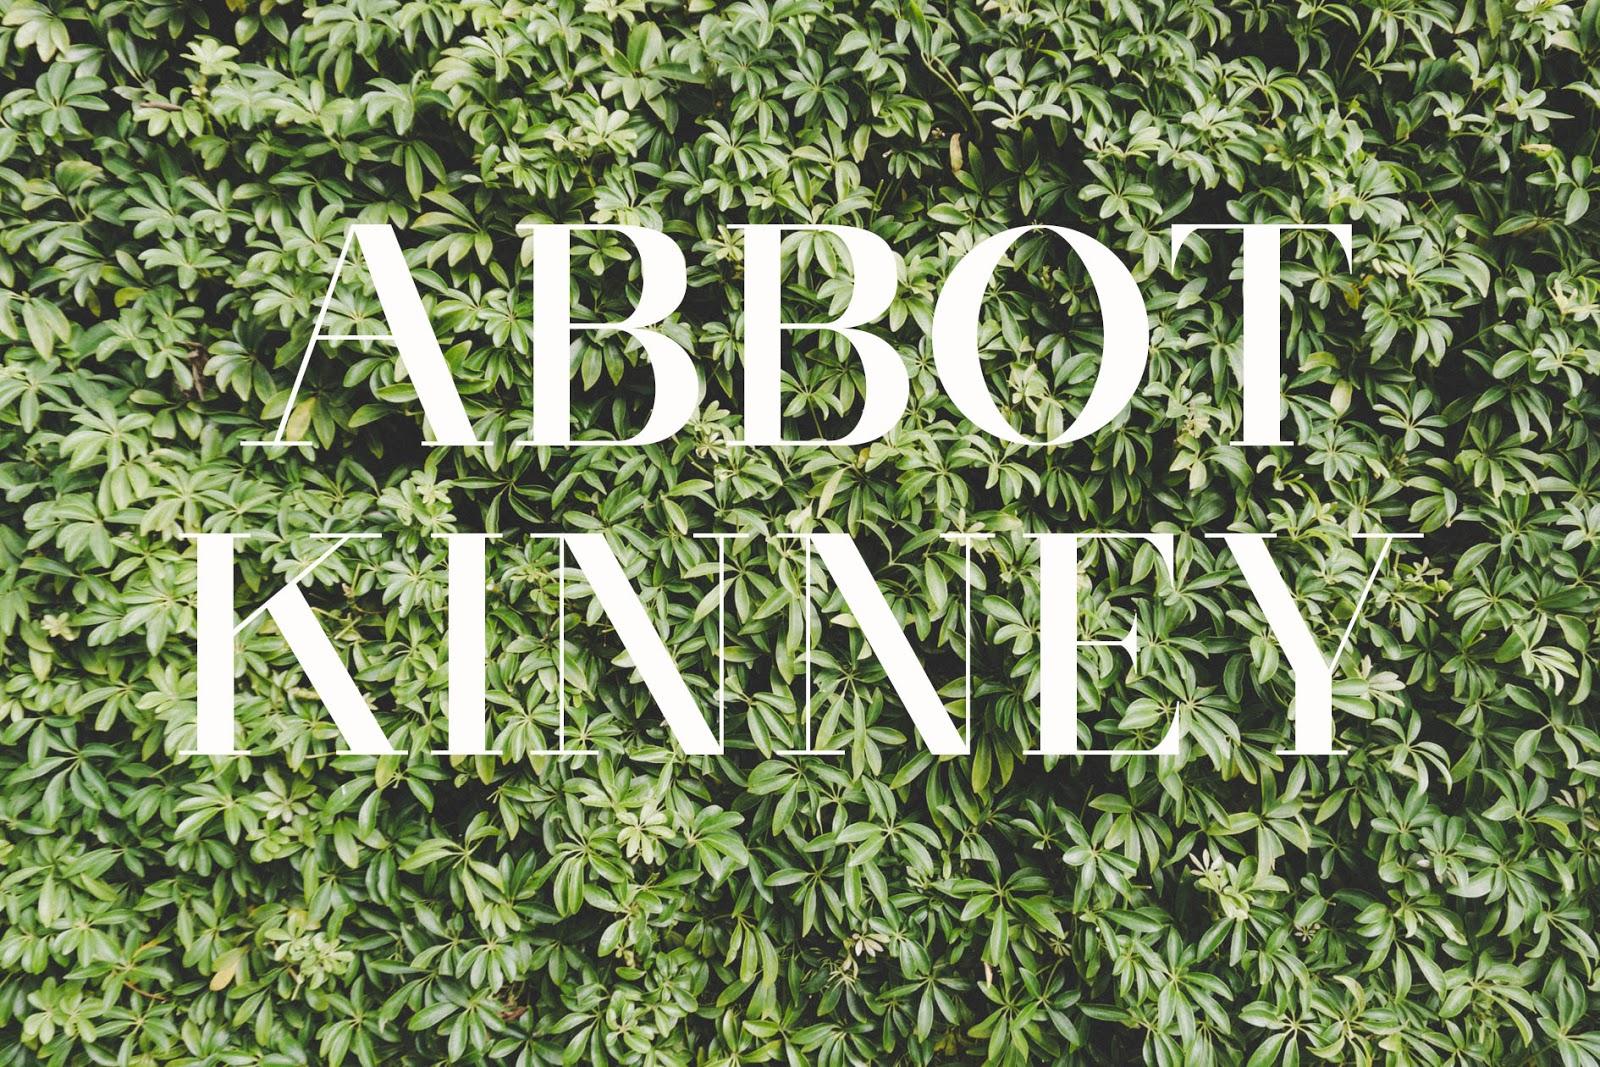 abbot-kinney-boulevard